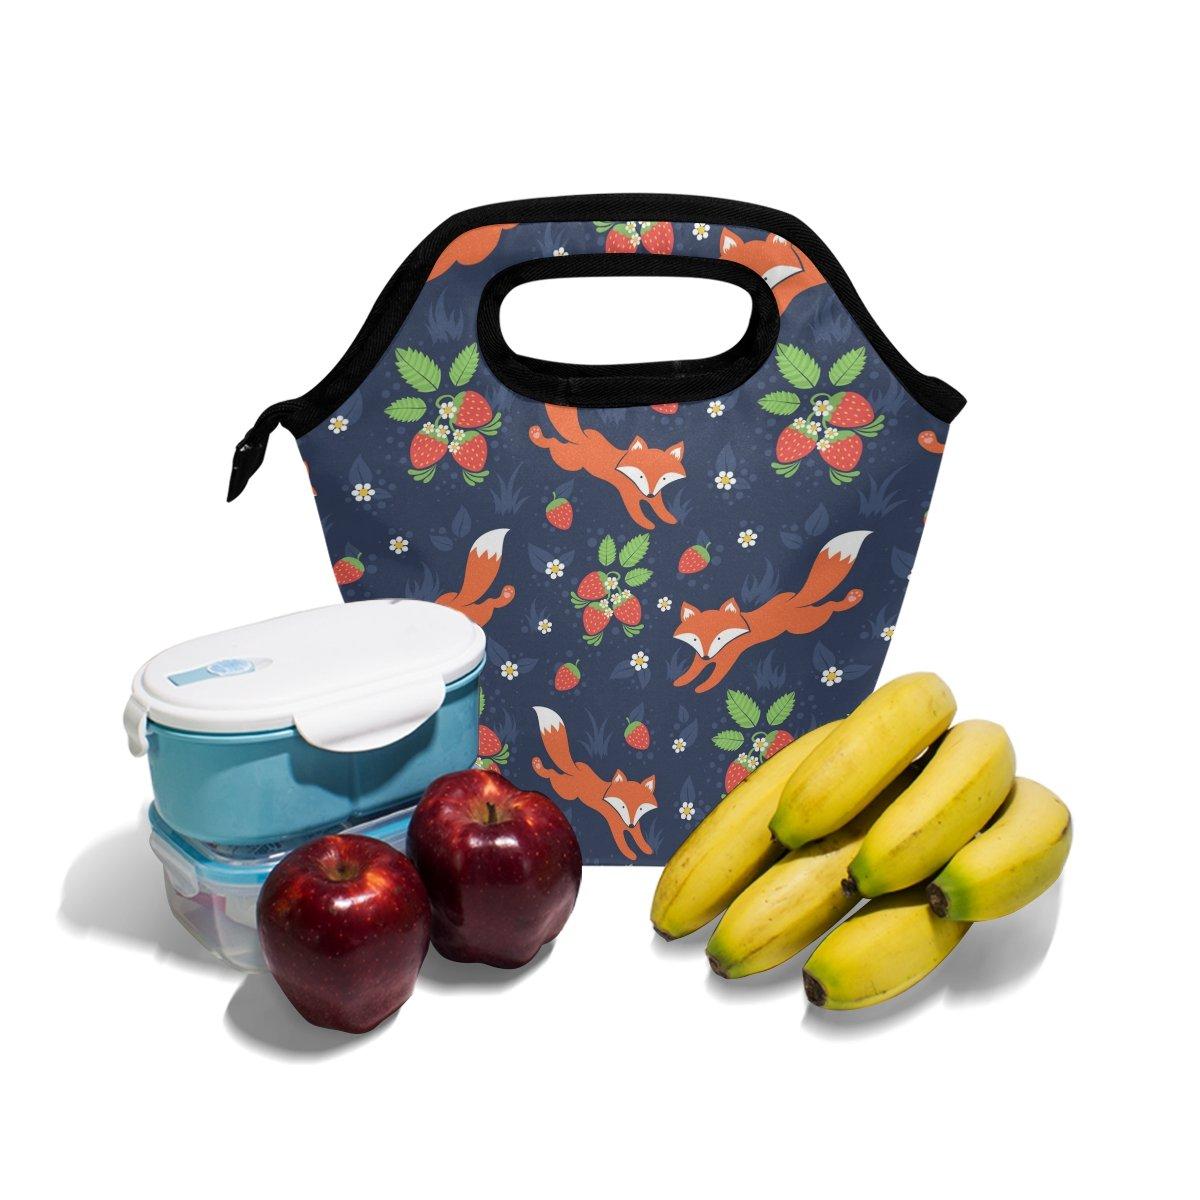 hunihuni Fox Strawberry Isolierte Thermo Lunch K/ühltasche Tote Bento Box Handtasche Lunchbox mit Rei/ßverschluss f/ür Schule B/üro Picknick